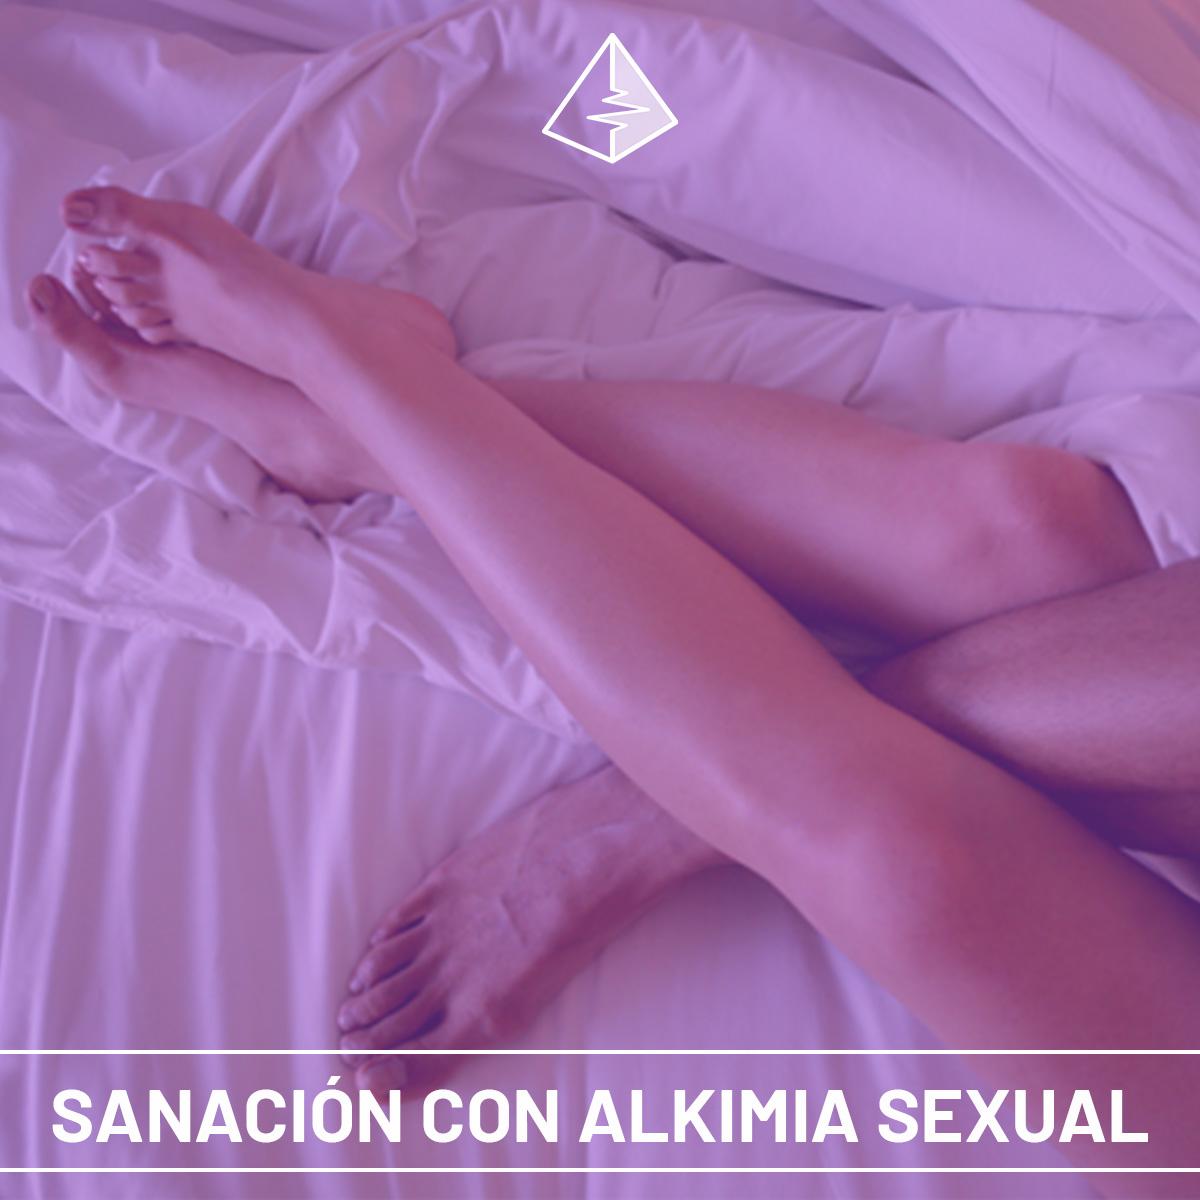 ALKIMIA SEXUAL